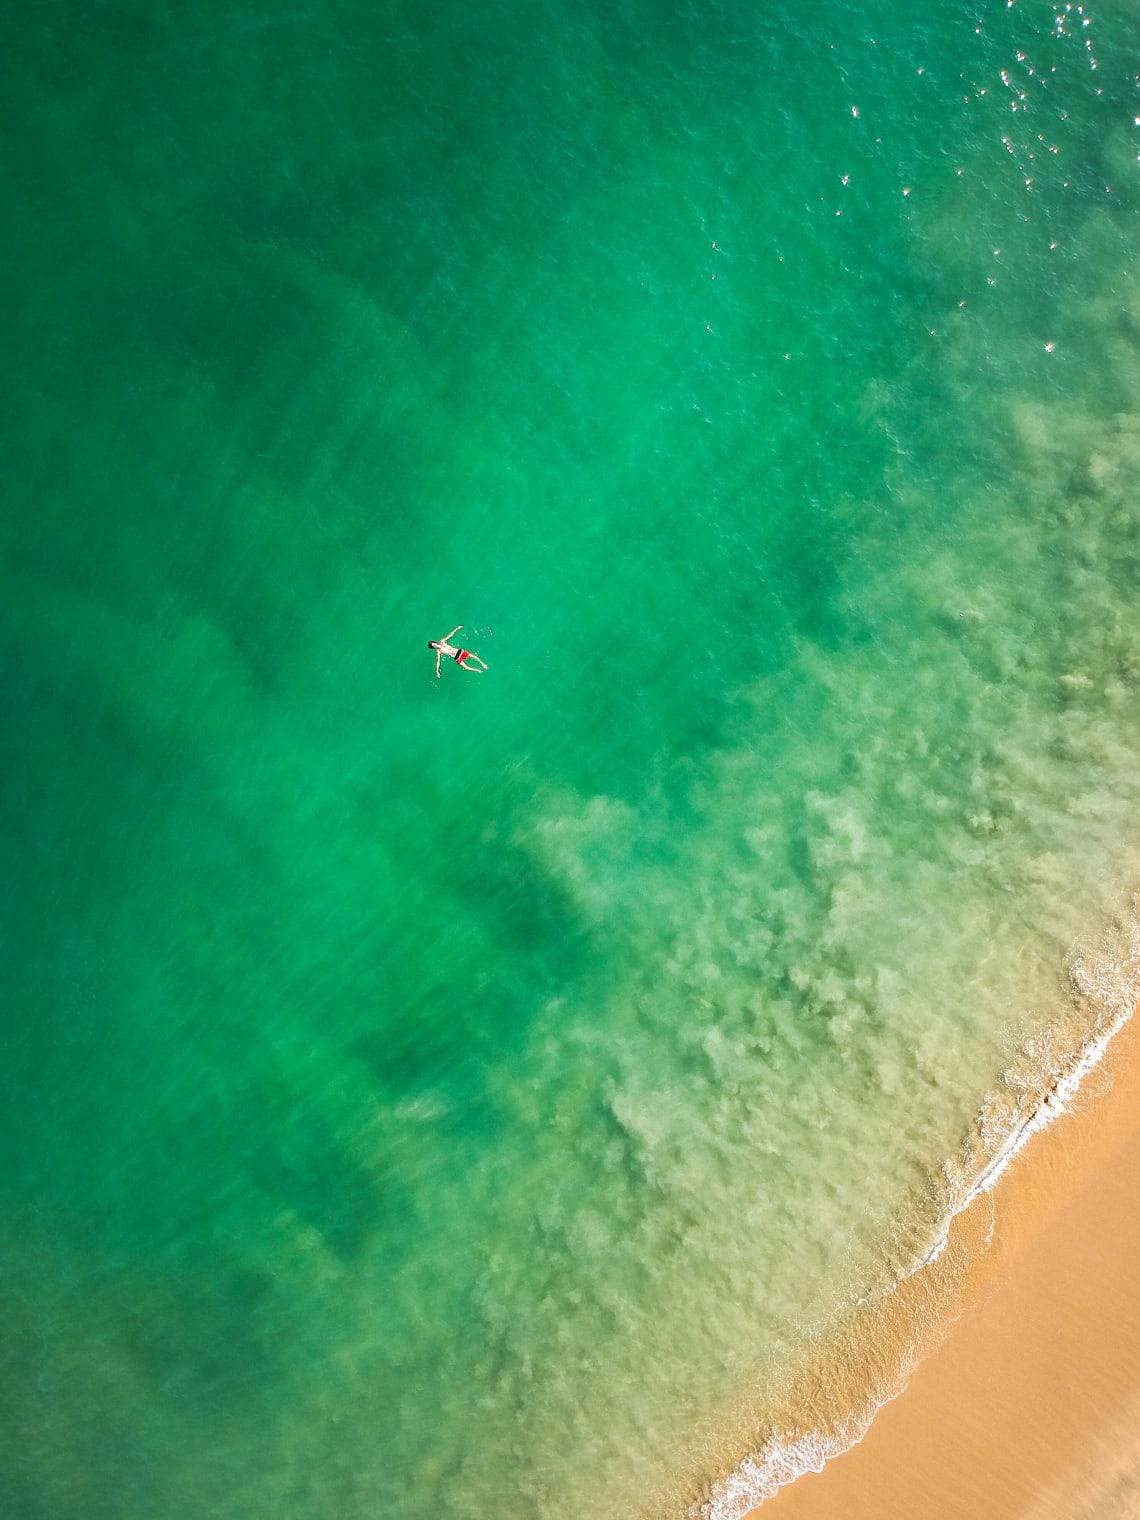 Hacer un voluntariado en Tulum mientras ahorras mucho dinero - Worldpackers - vista aerea de playa mexico